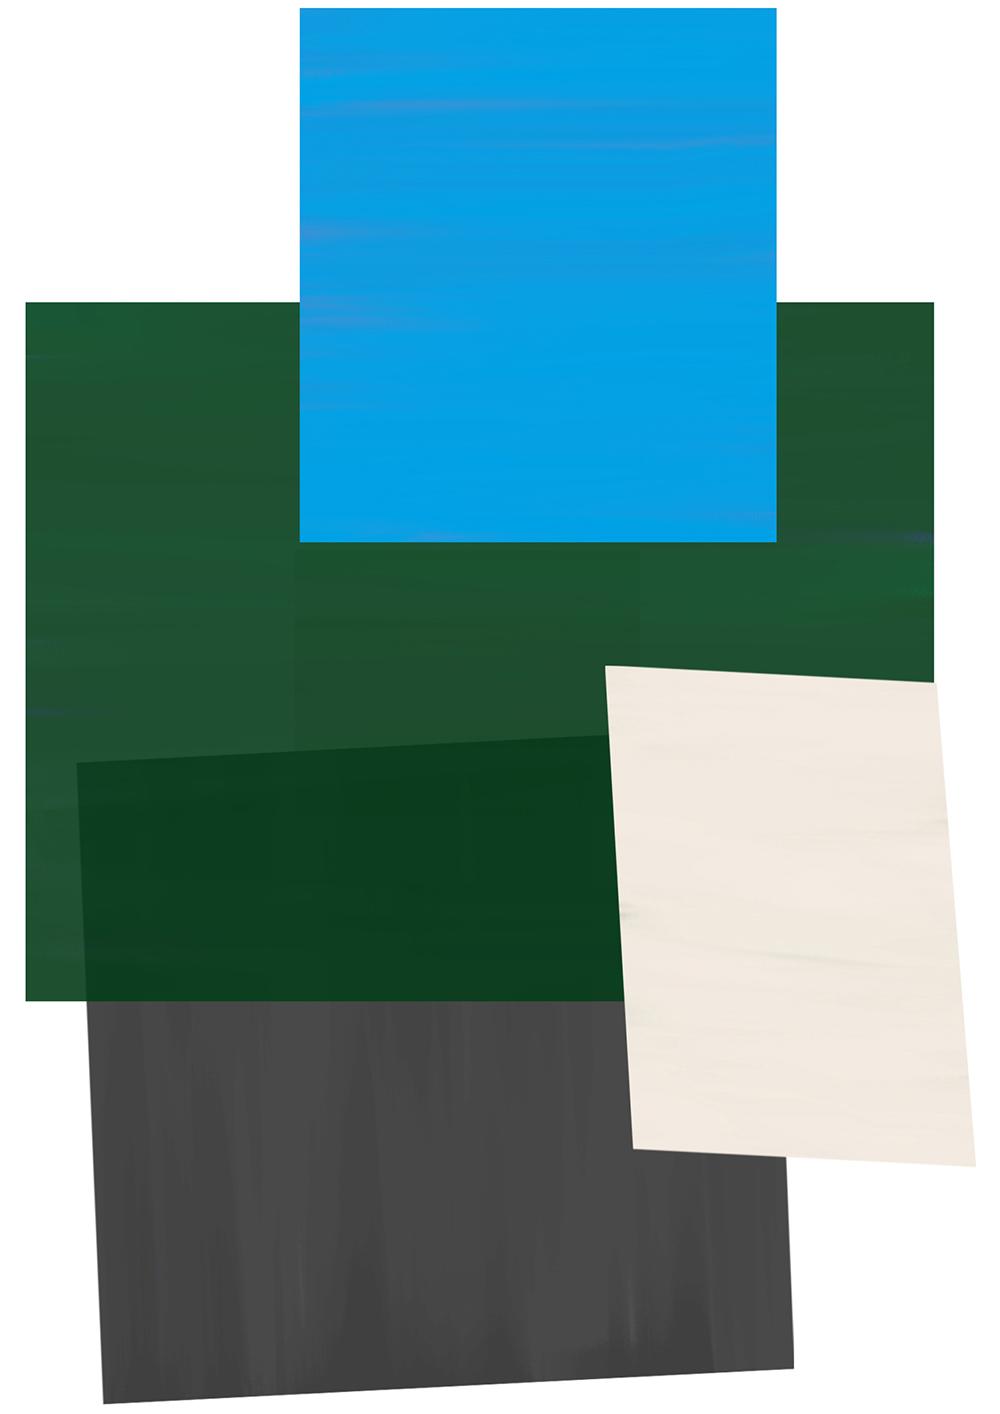 1b7762c8-8319-45d1-9d71-a Kopie